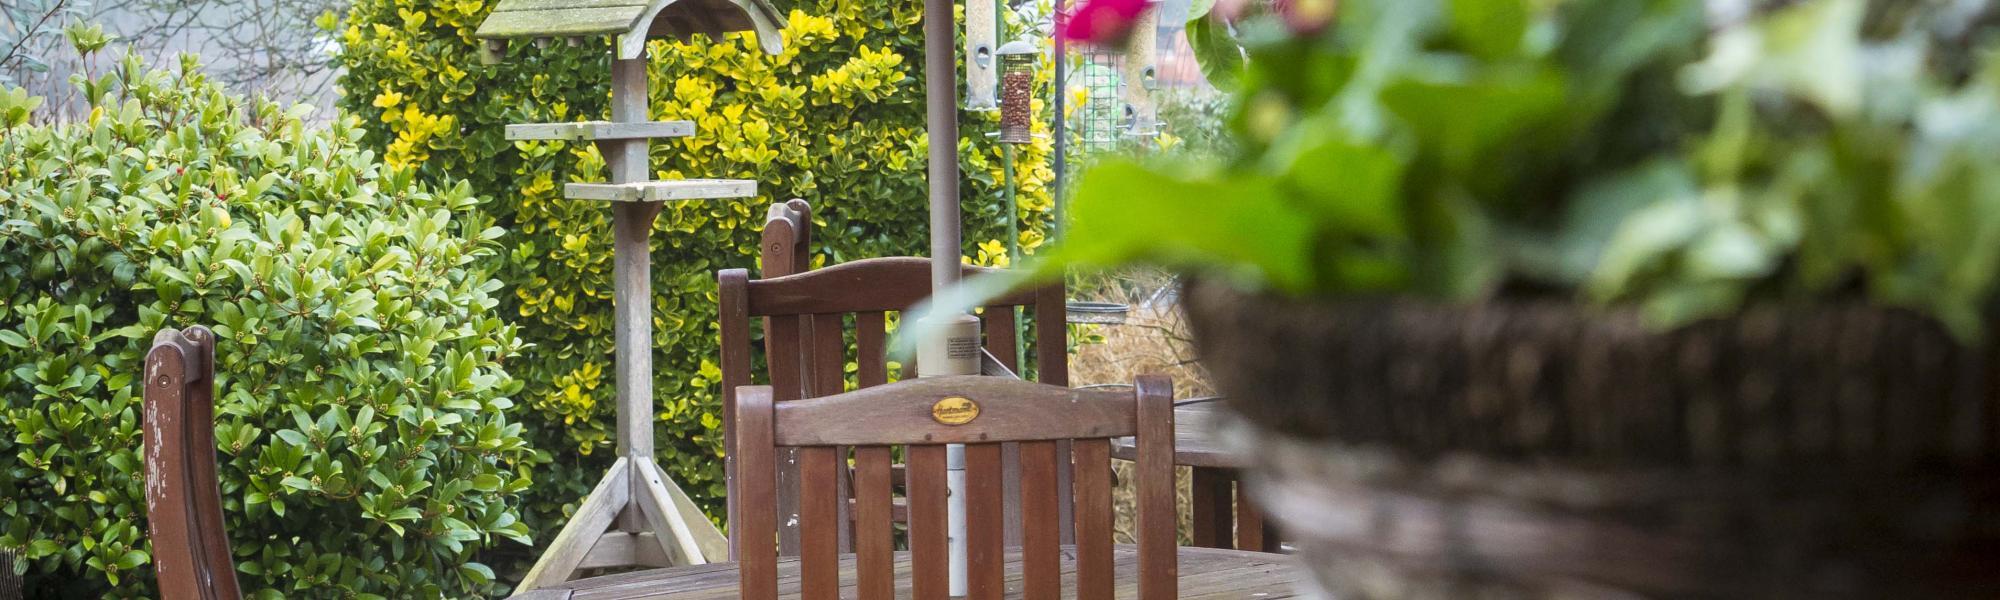 Highfields garden